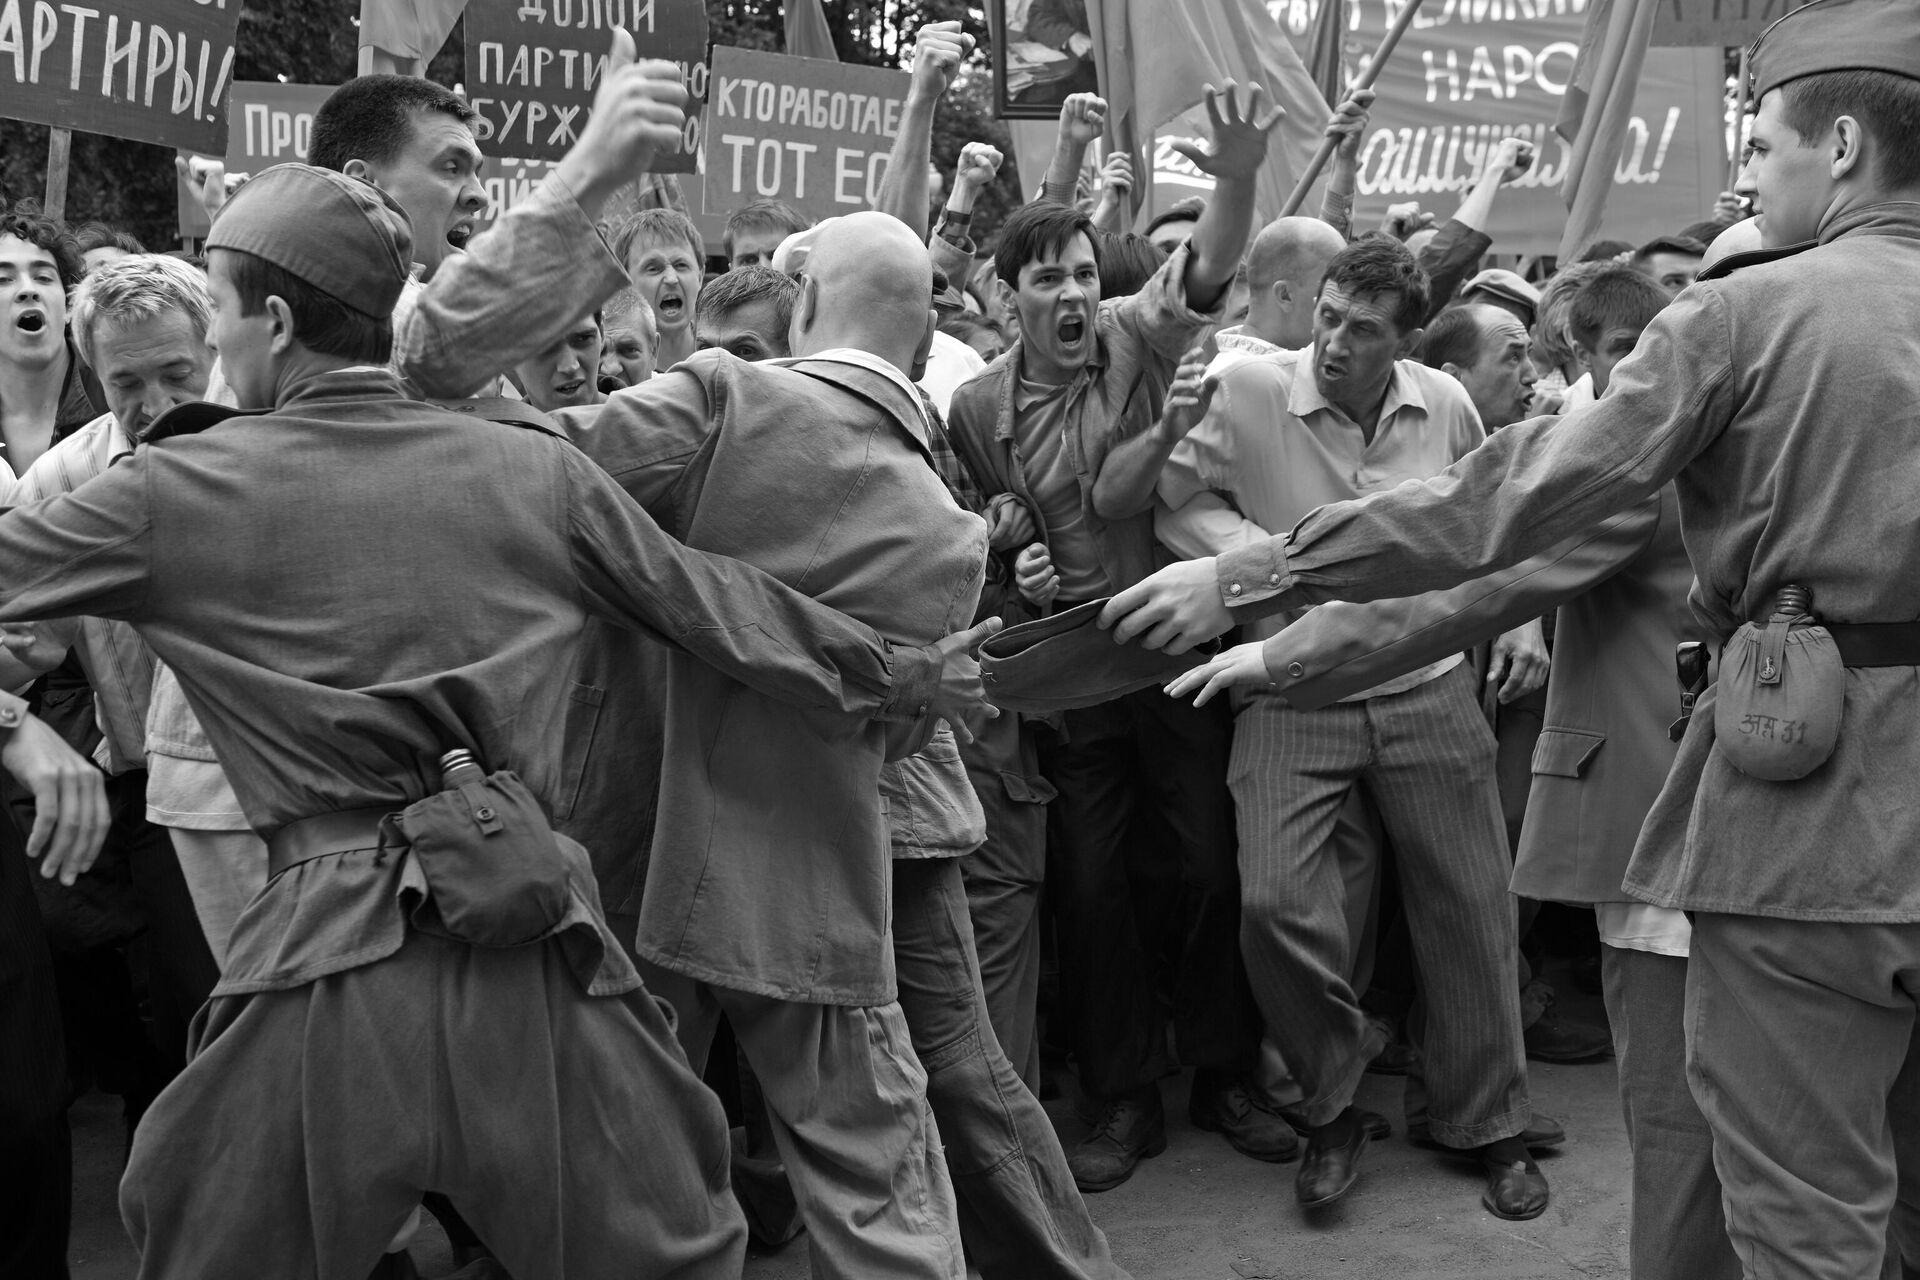 Кадр из фильма Дорогие товарищи! - РИА Новости, 1920, 16.09.2020